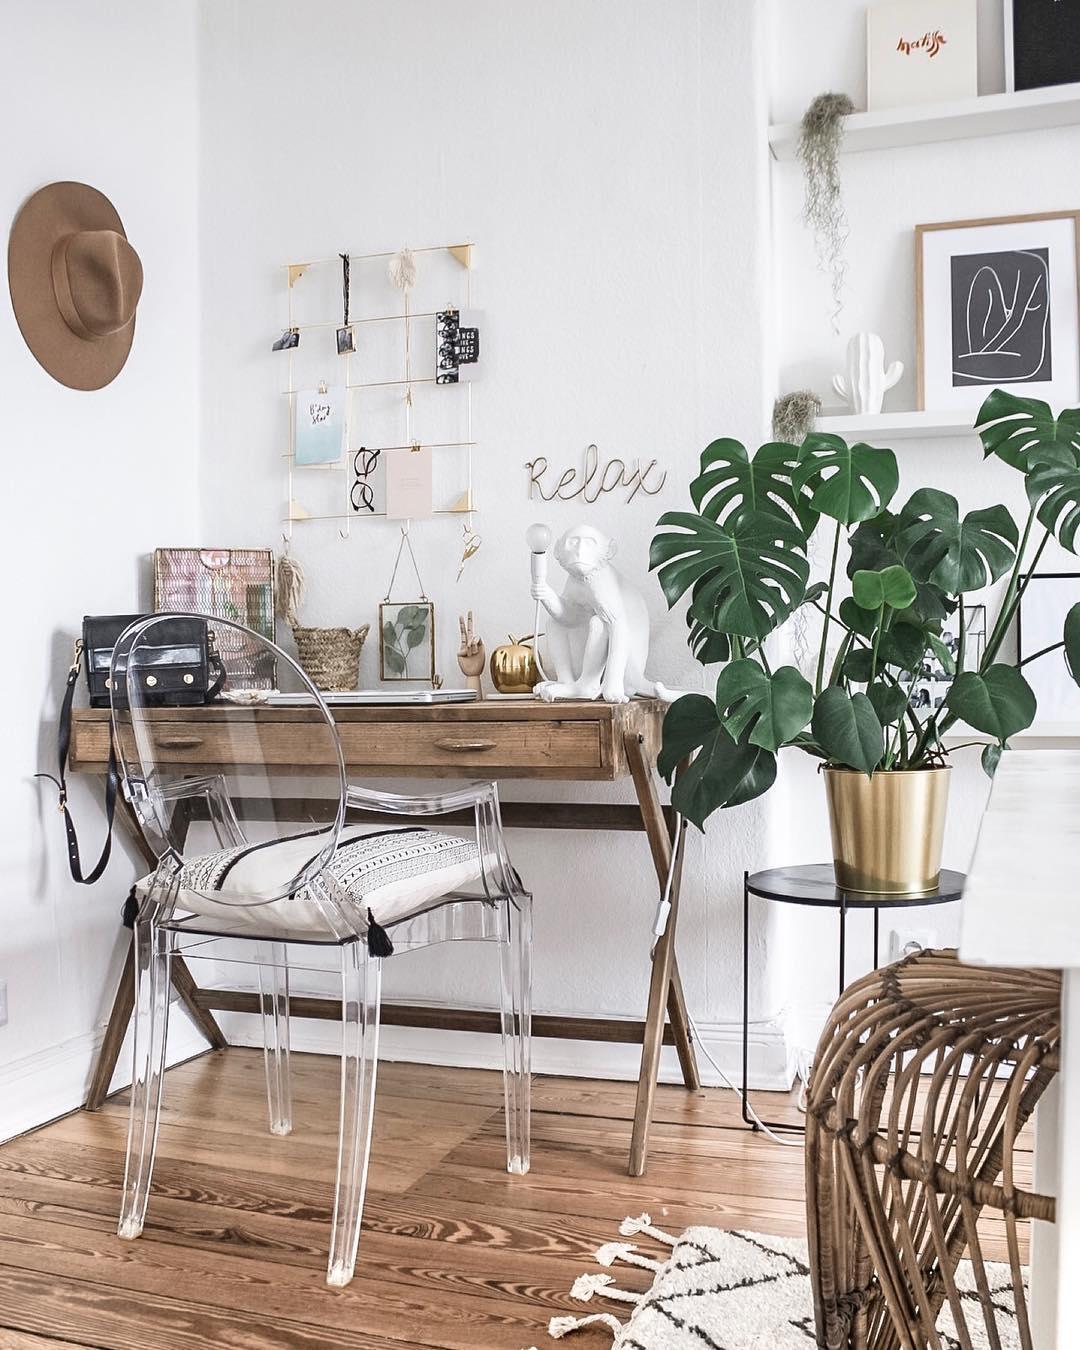 Fantastisch Meine #Arbeitsecke #arbeitszimmer #homeoffice #arbeitsplatz #home #interior  #dielen #